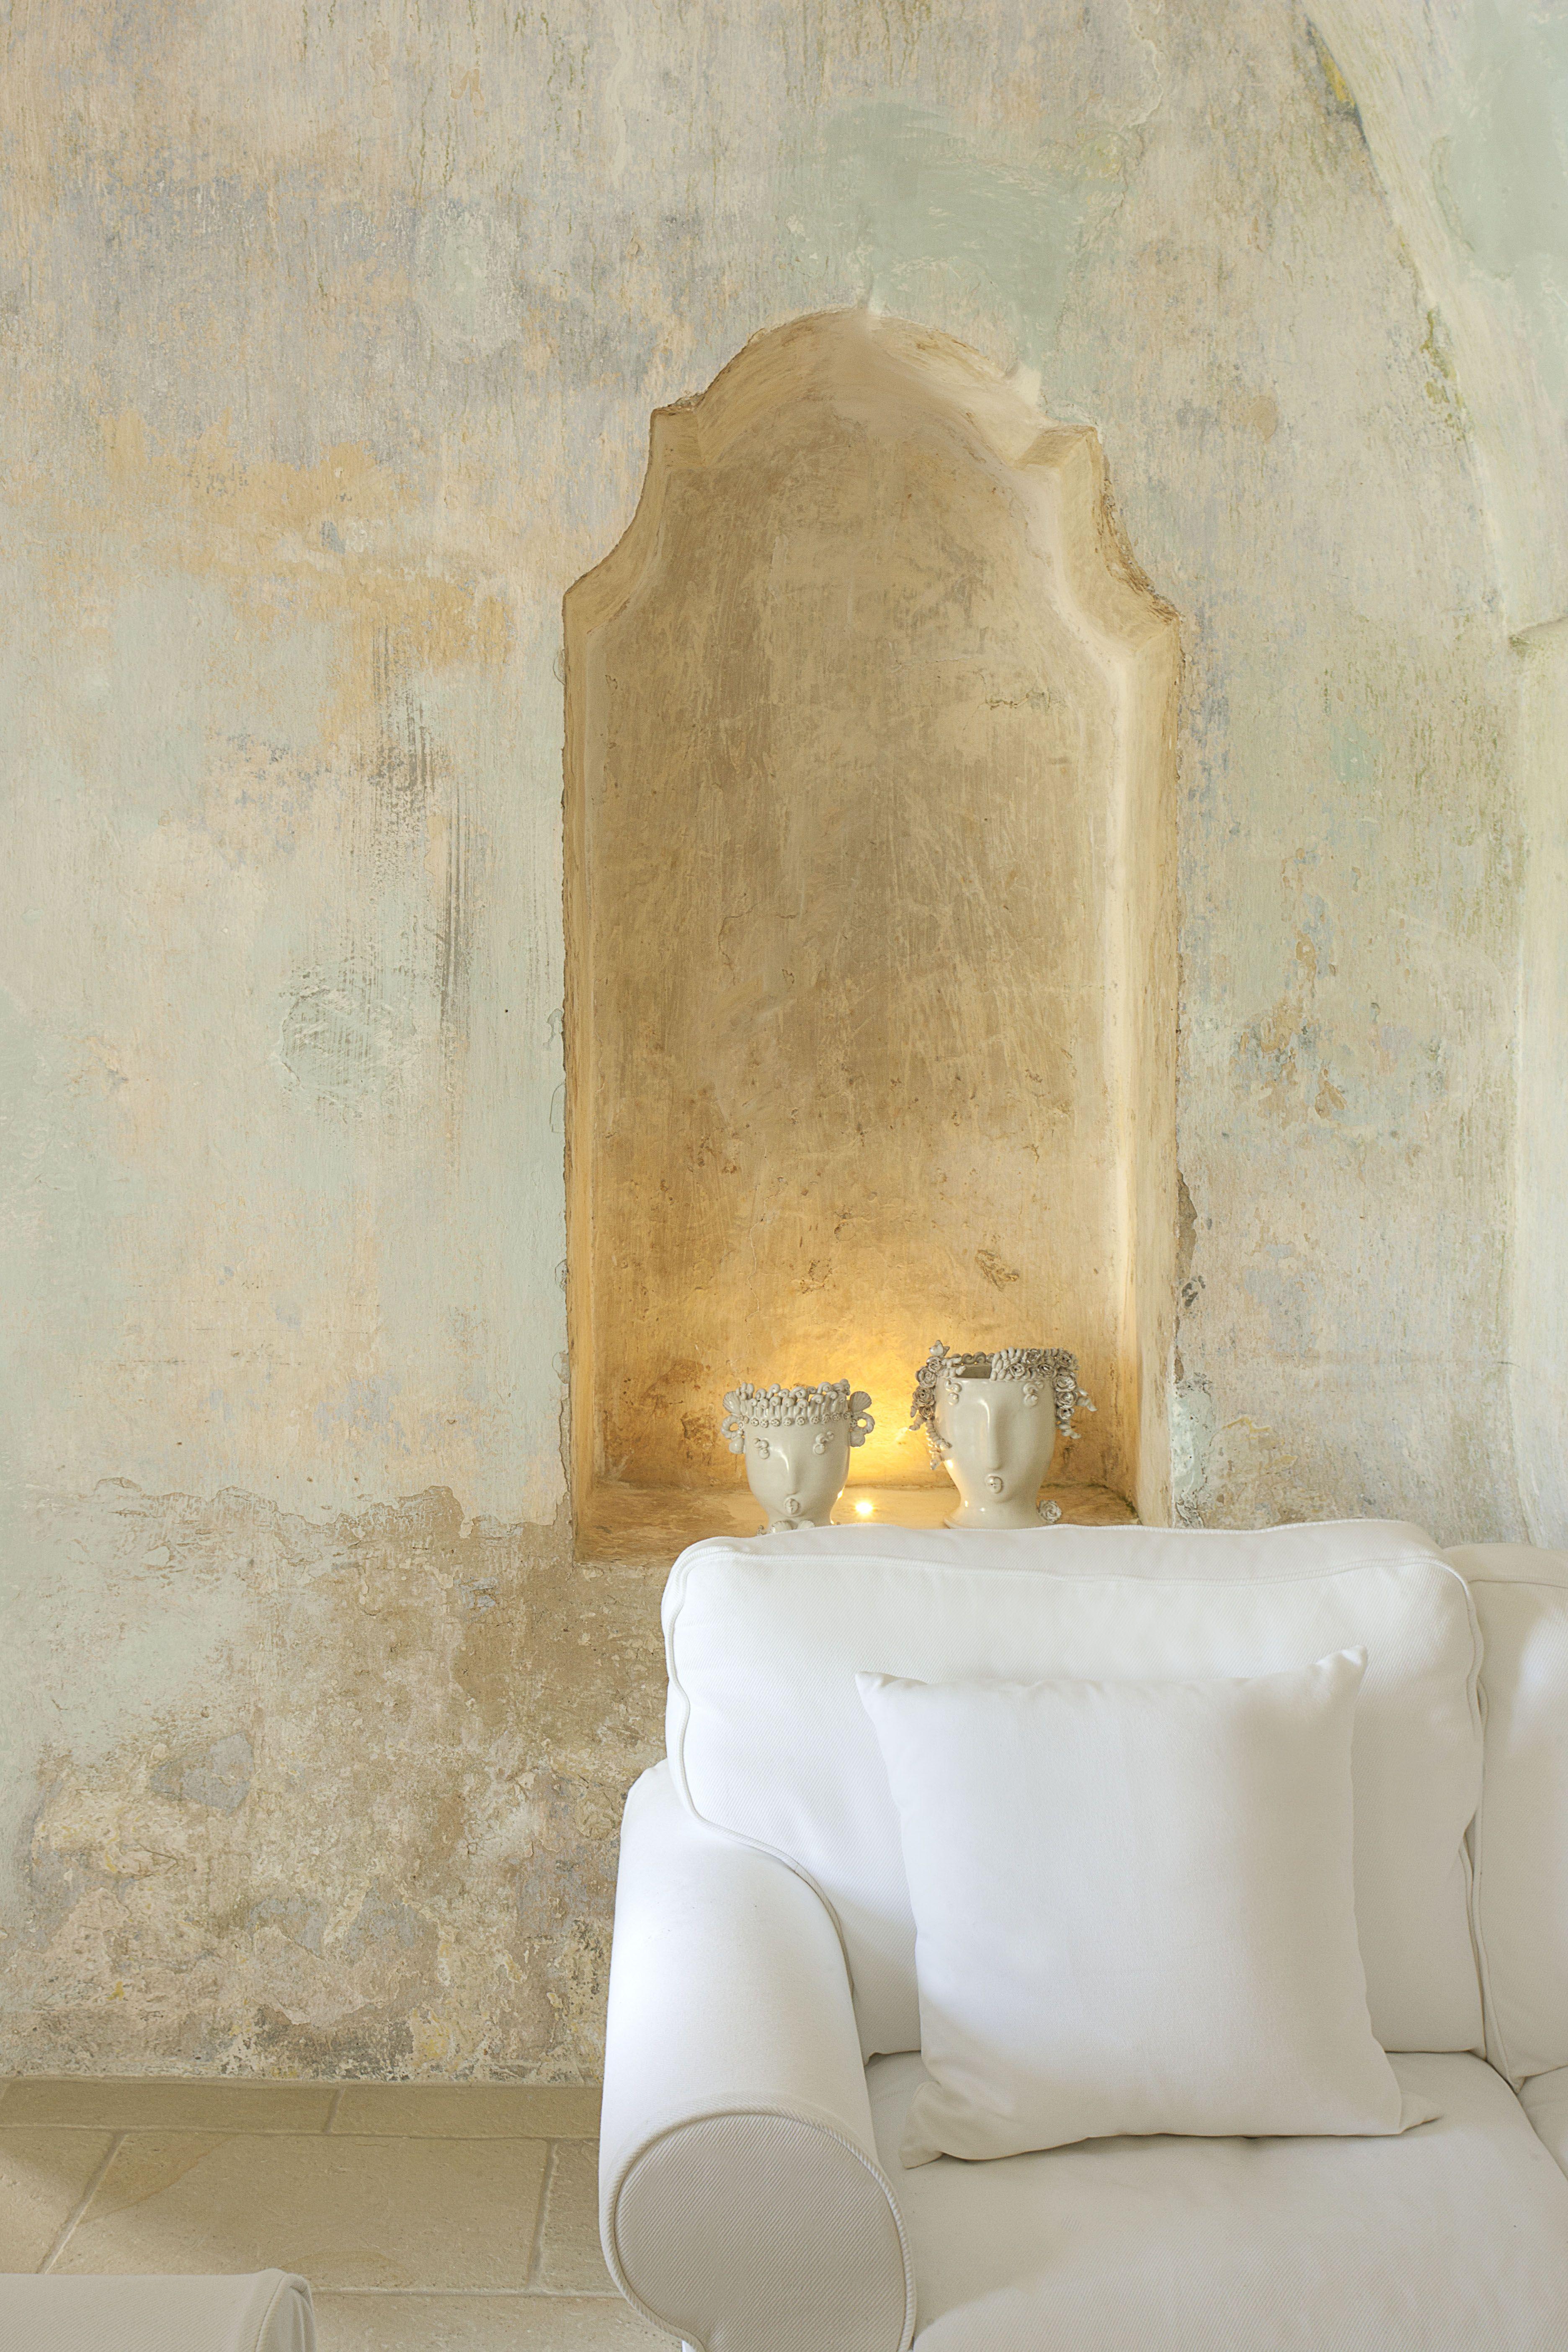 Gallery critabianca salento style puglia style nel for Interni case bellissime